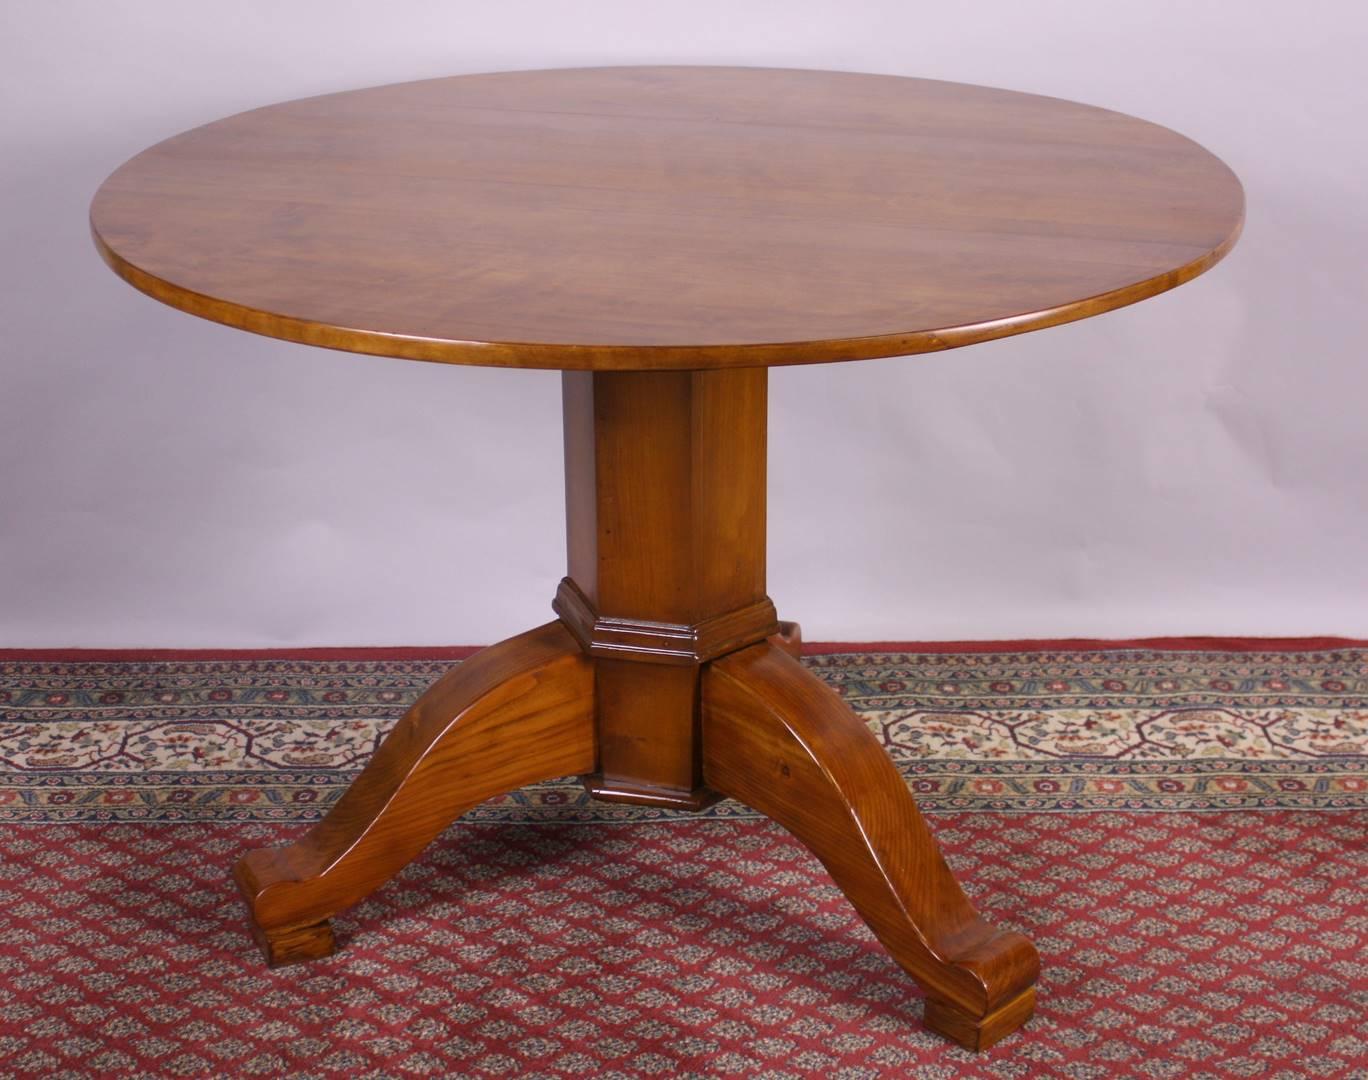 Kirsch tisch rund kohler for Tisch antik